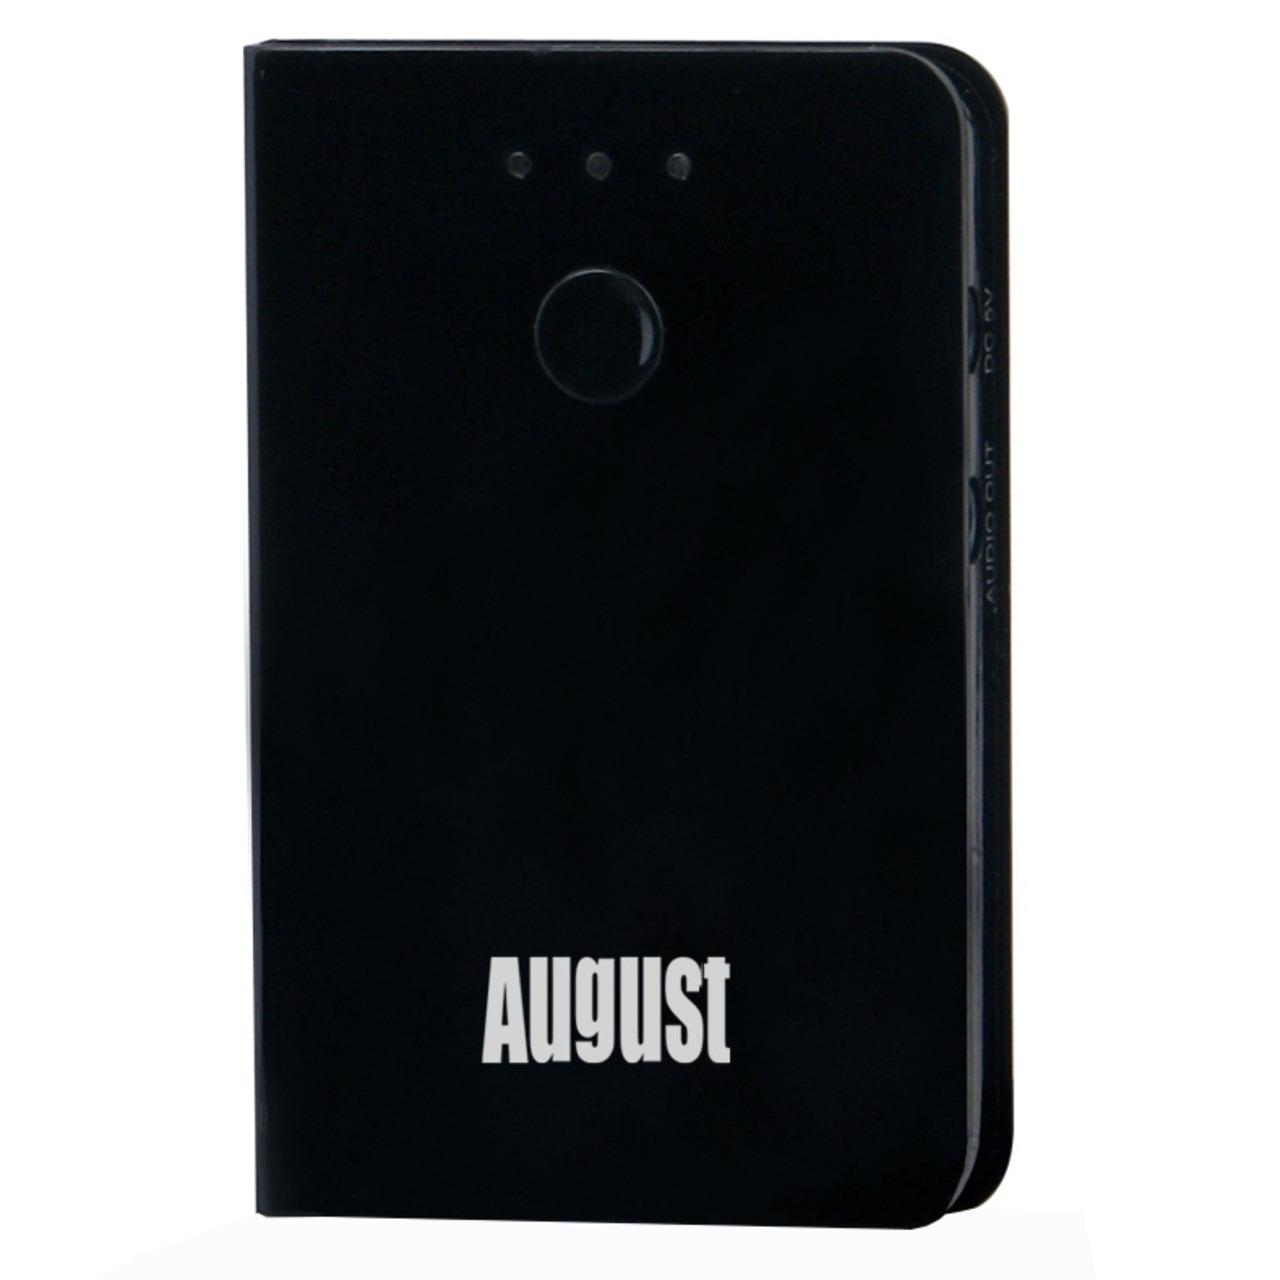 August Bluetooth-Audio-Adapter MR230B- Bluetooth-Receiver-Empfänger- Akkubetrieb möglich